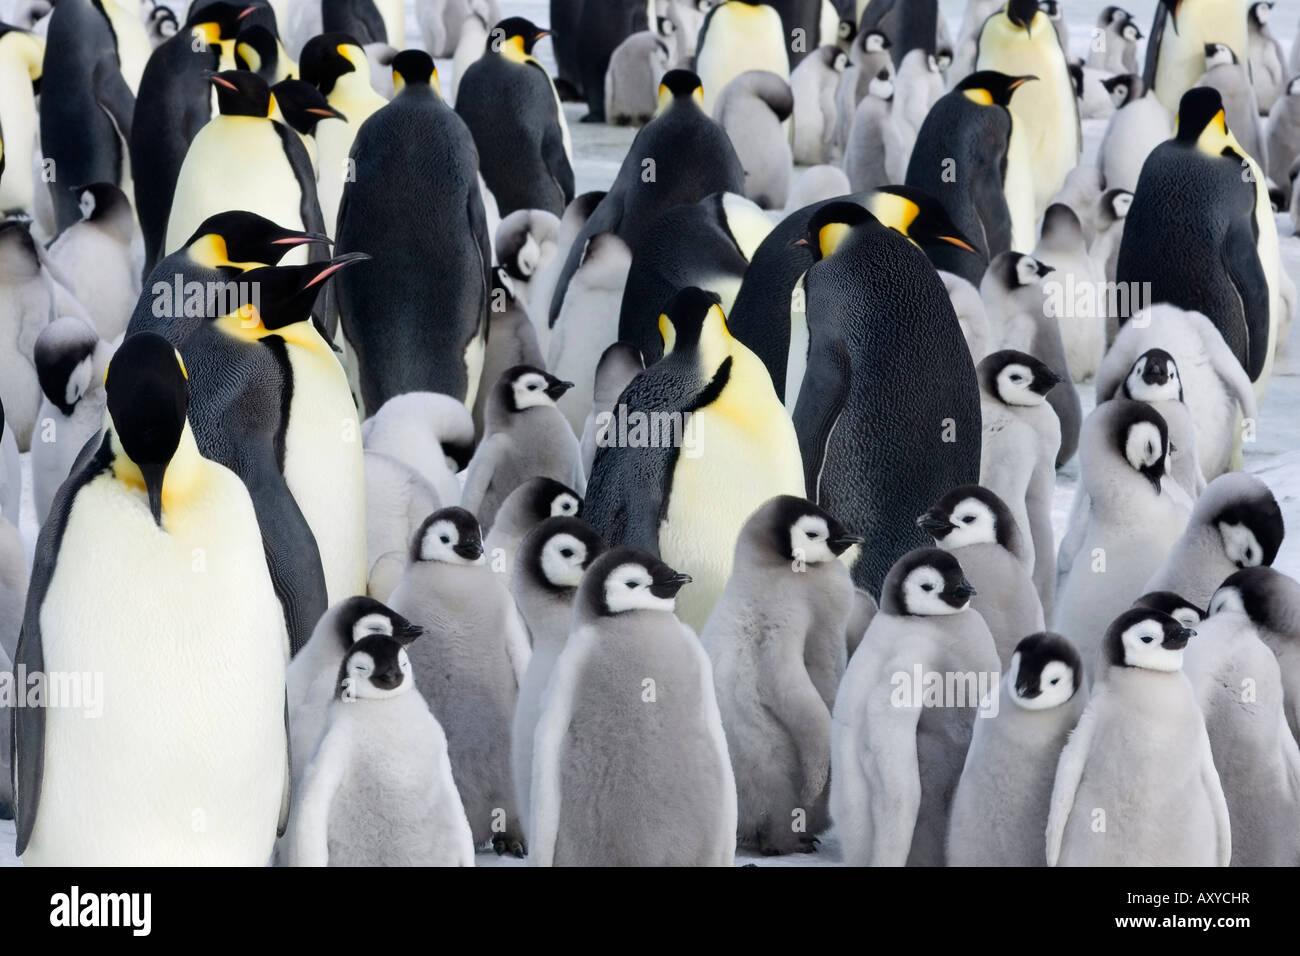 Emperor penguin (Aptenodytes forsteri), chicks in colony, Snow Hill Island, Weddell Sea, Antarctica, Polar Regions - Stock Image